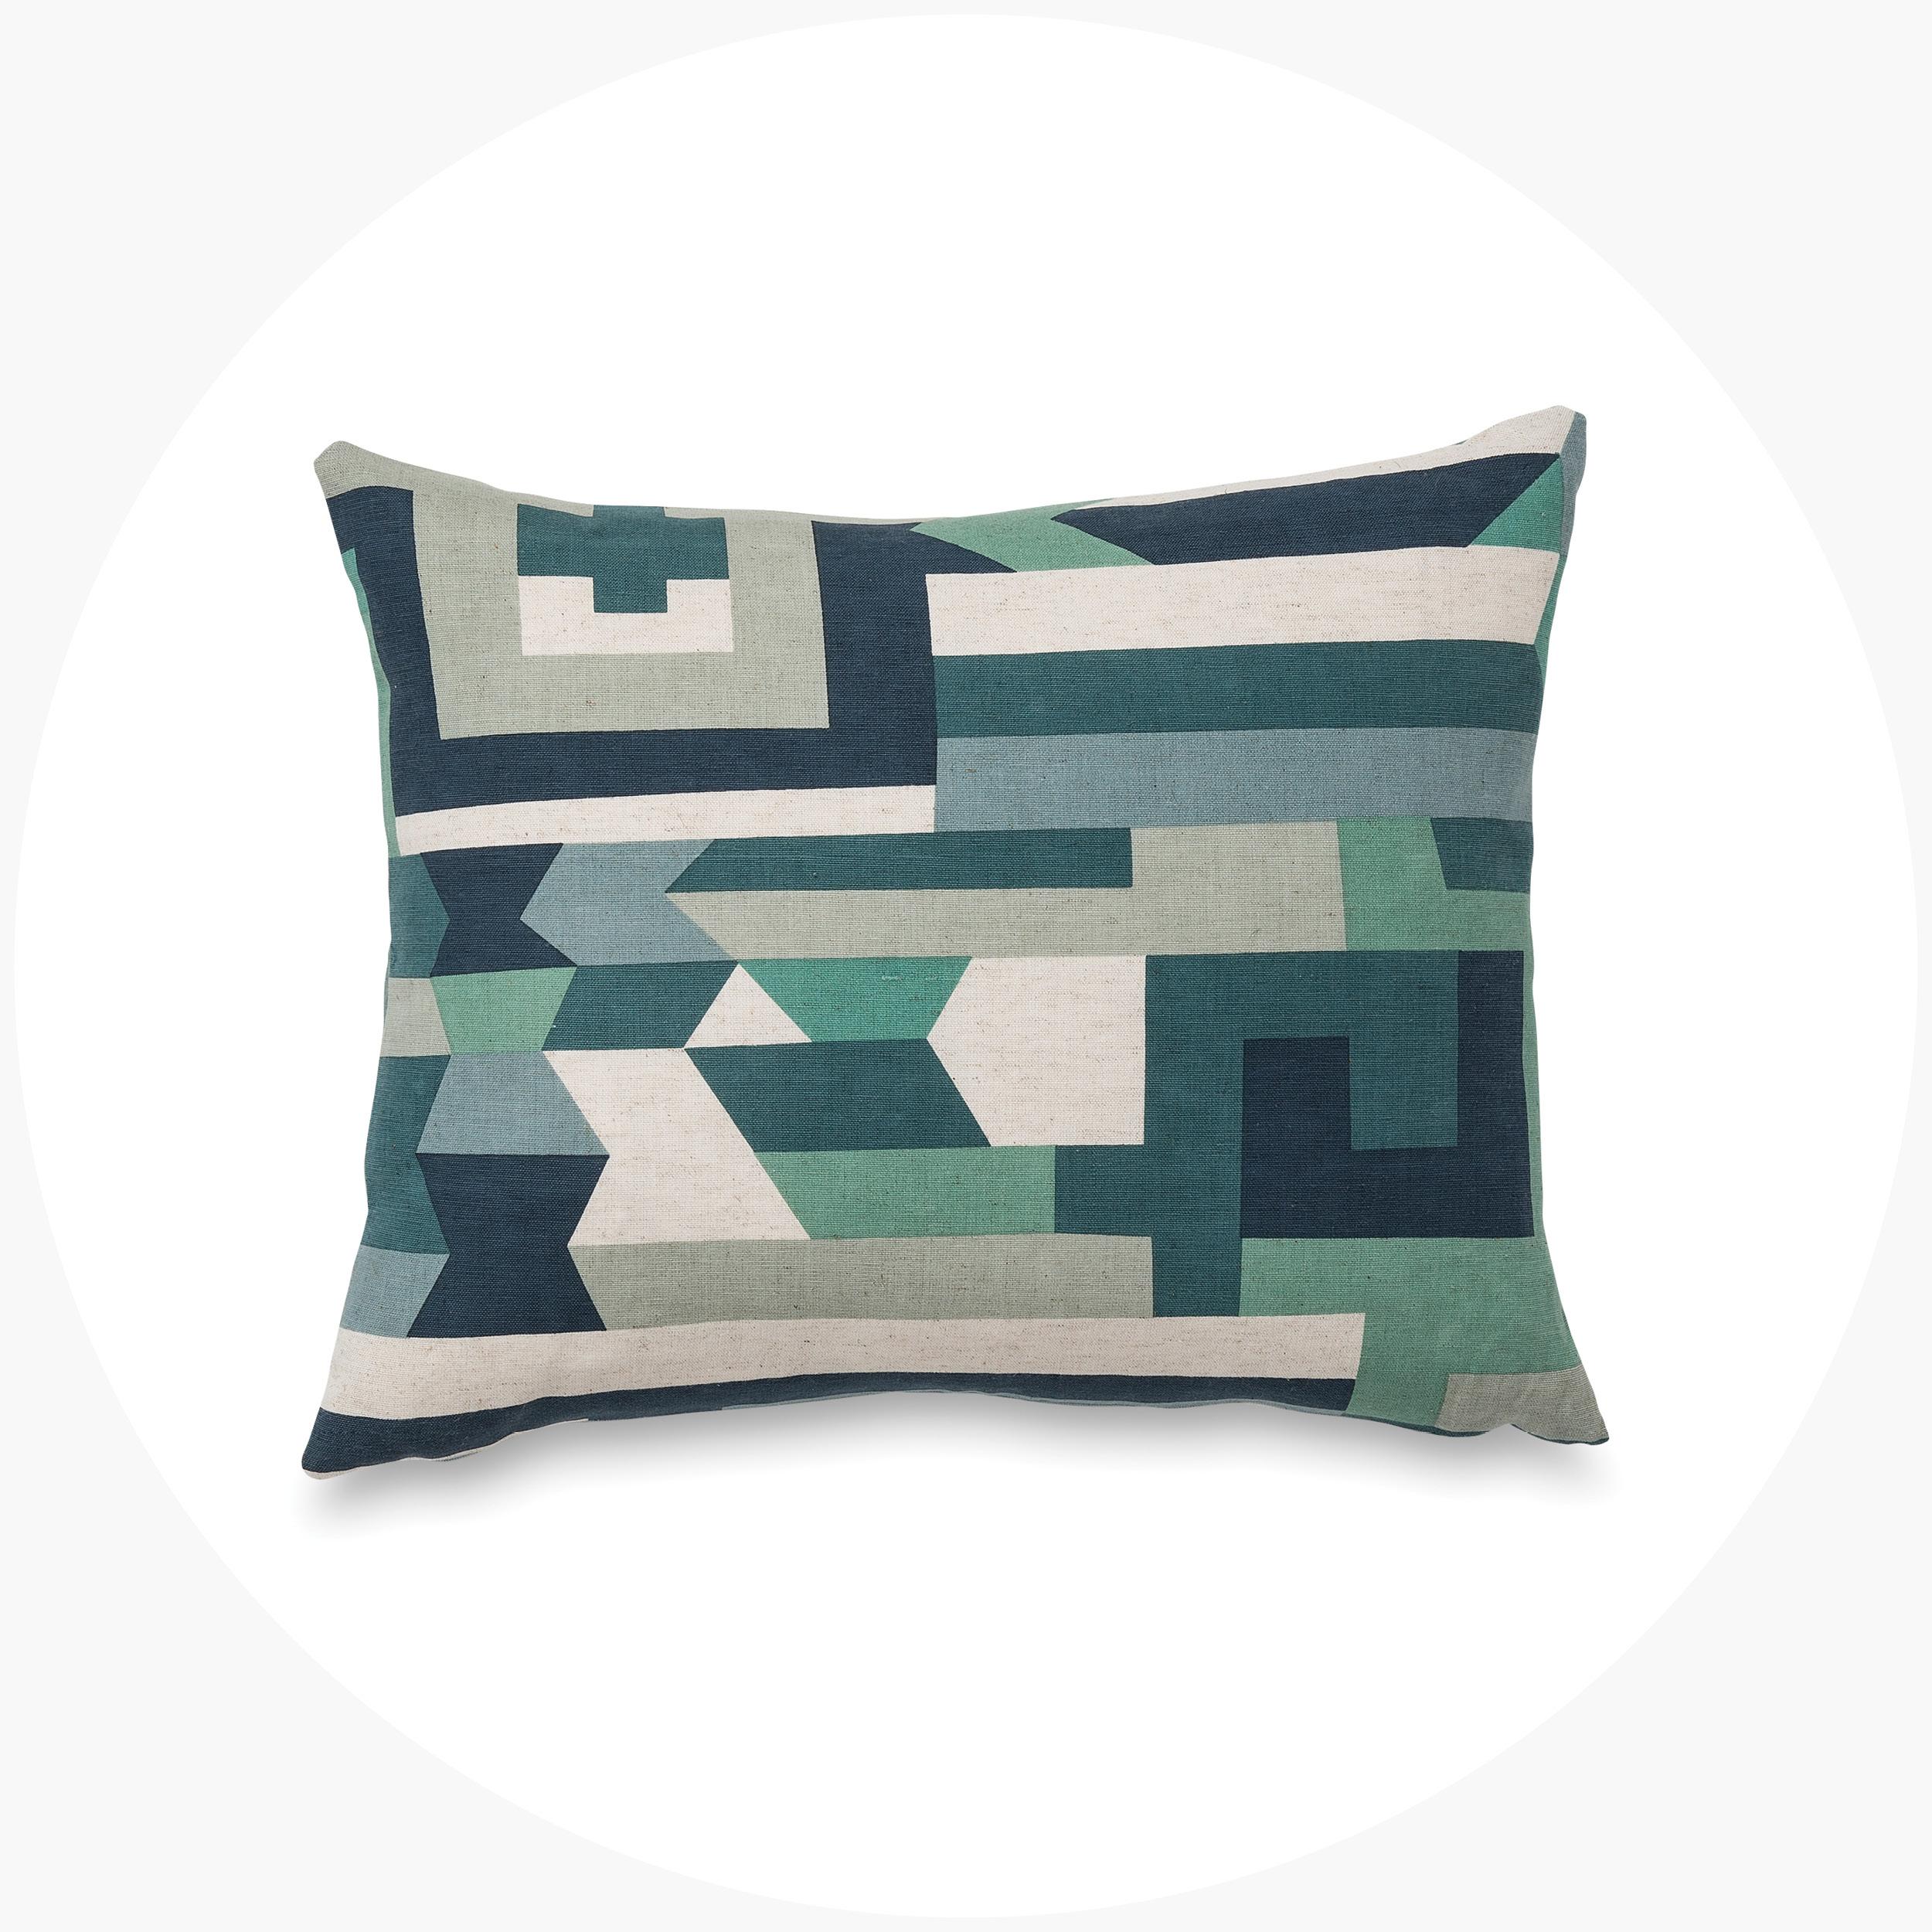 Casa Cushion Cover   $59.90